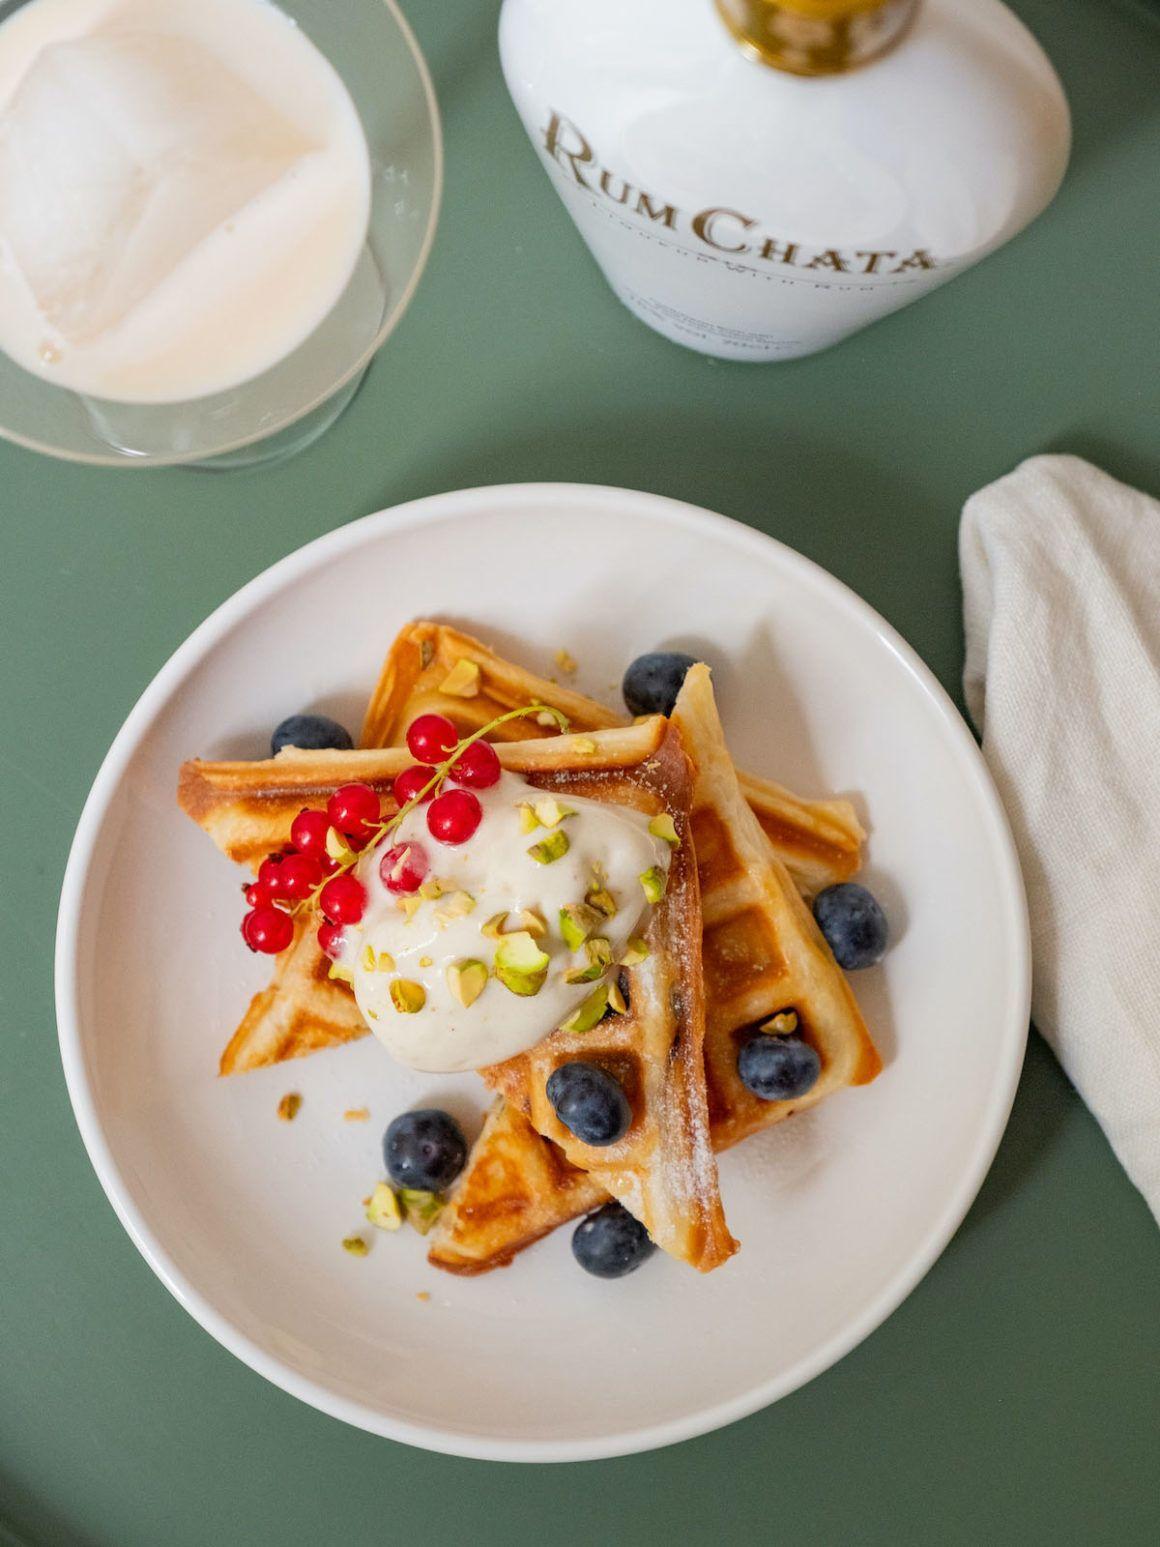 Foodblog, Rum Chata, About Fuel, Likör, Waffeln, Blätterteigwaffeln, Beeren